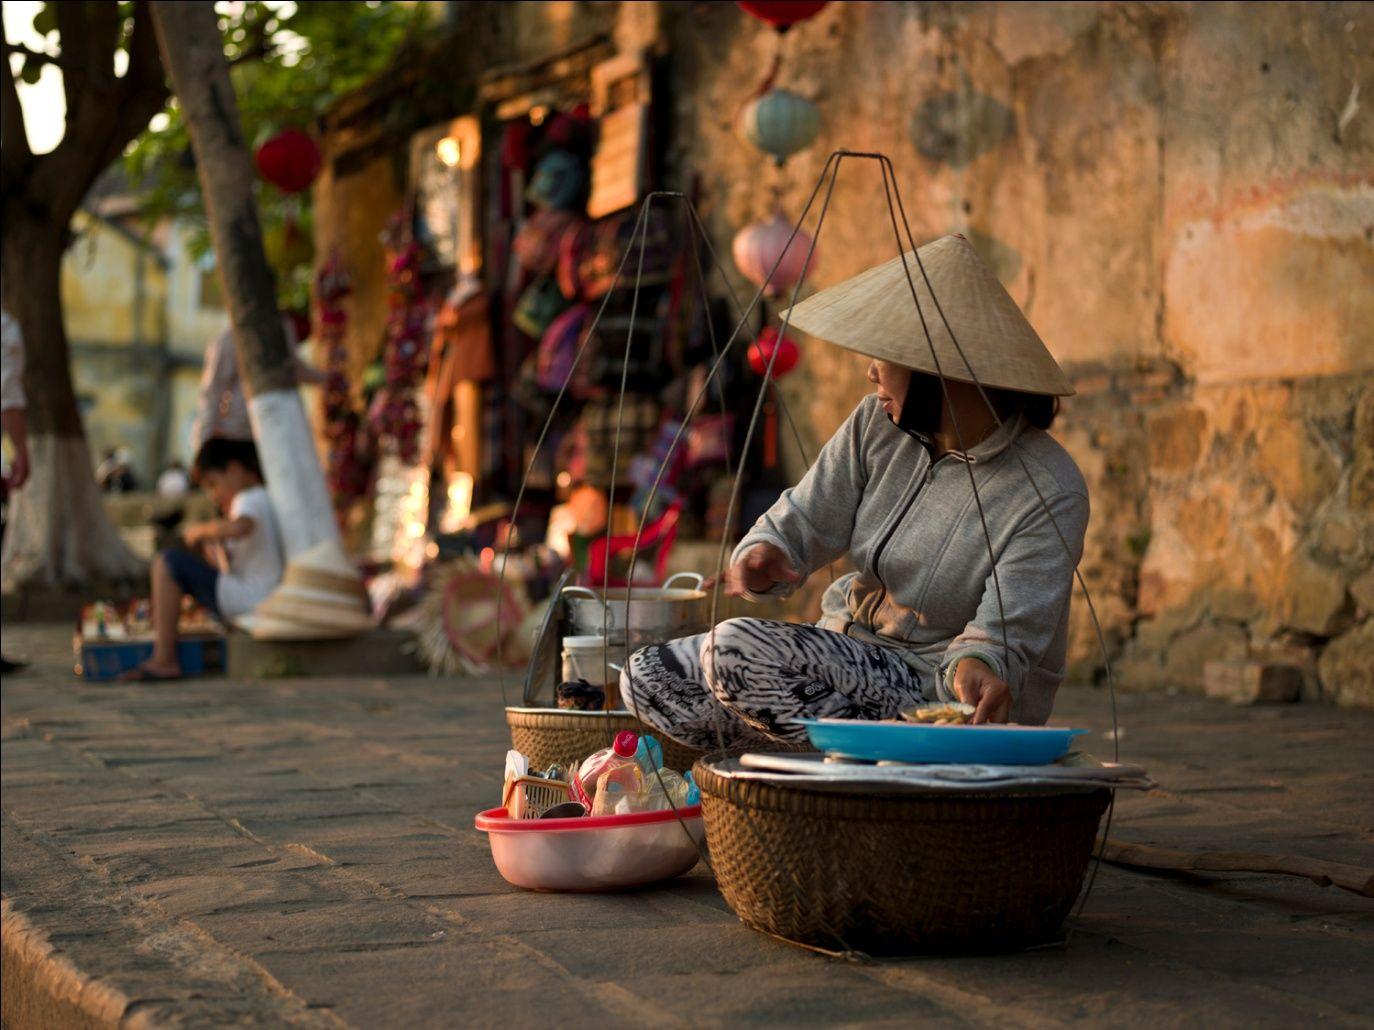 Sài Gòn bao dung với hàng triệu người dân tứ xứ. Ảnh: Internet